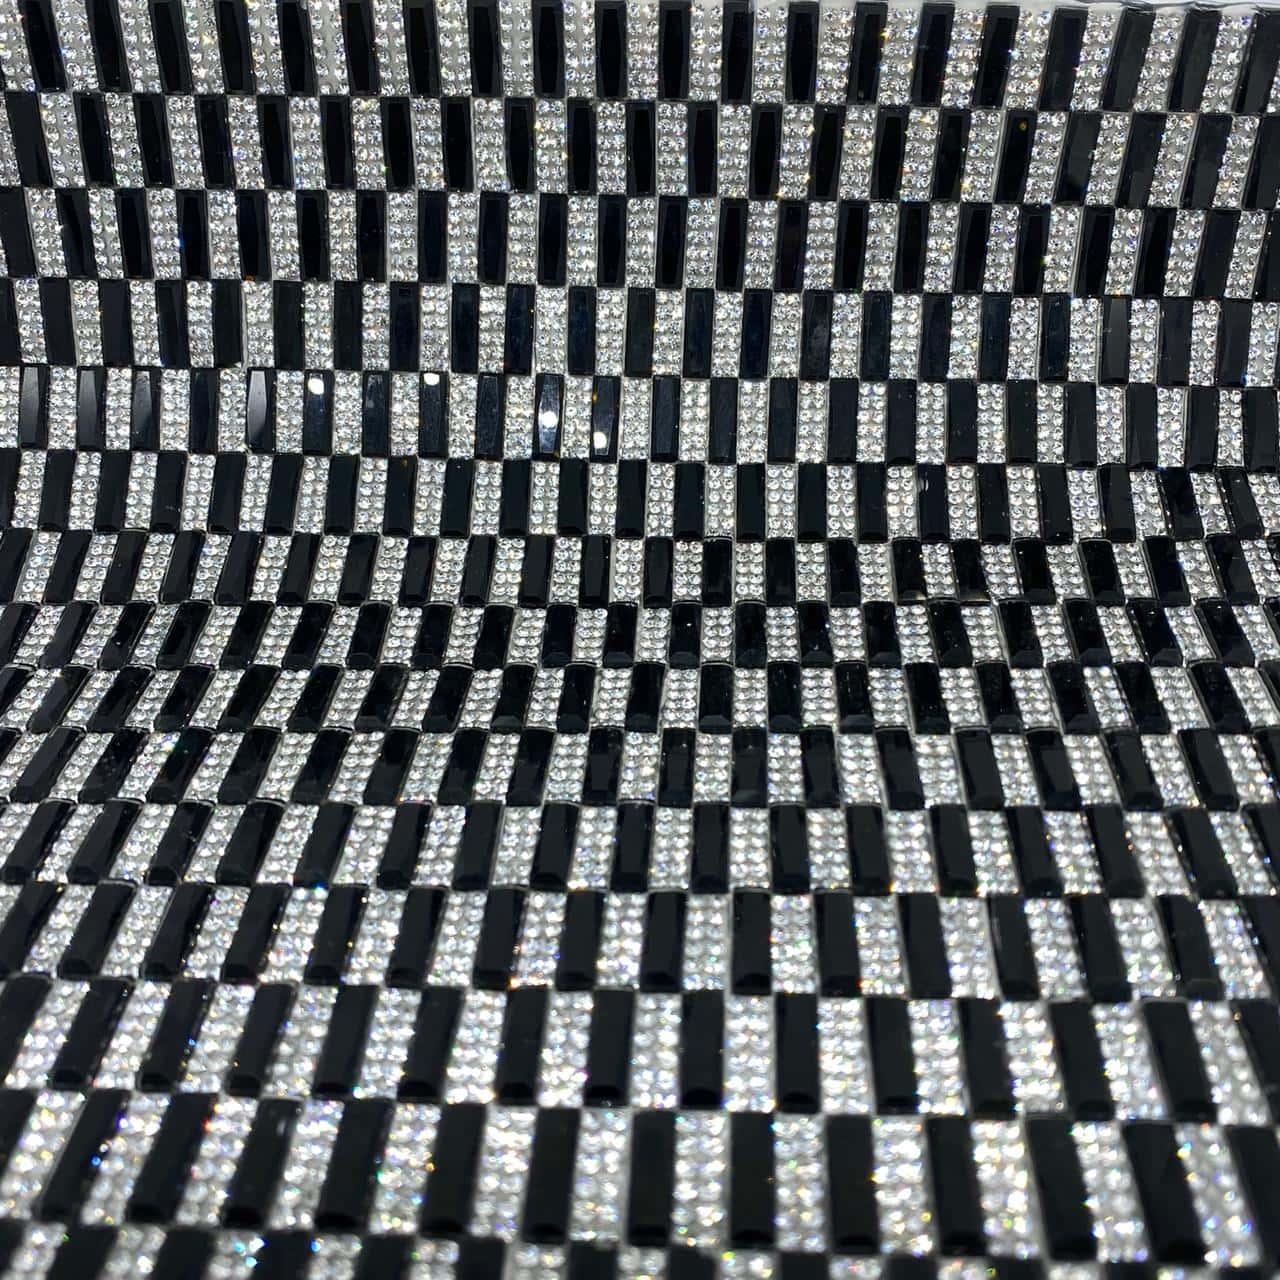 Micro Manta de strass 23x35cm unidade 5031